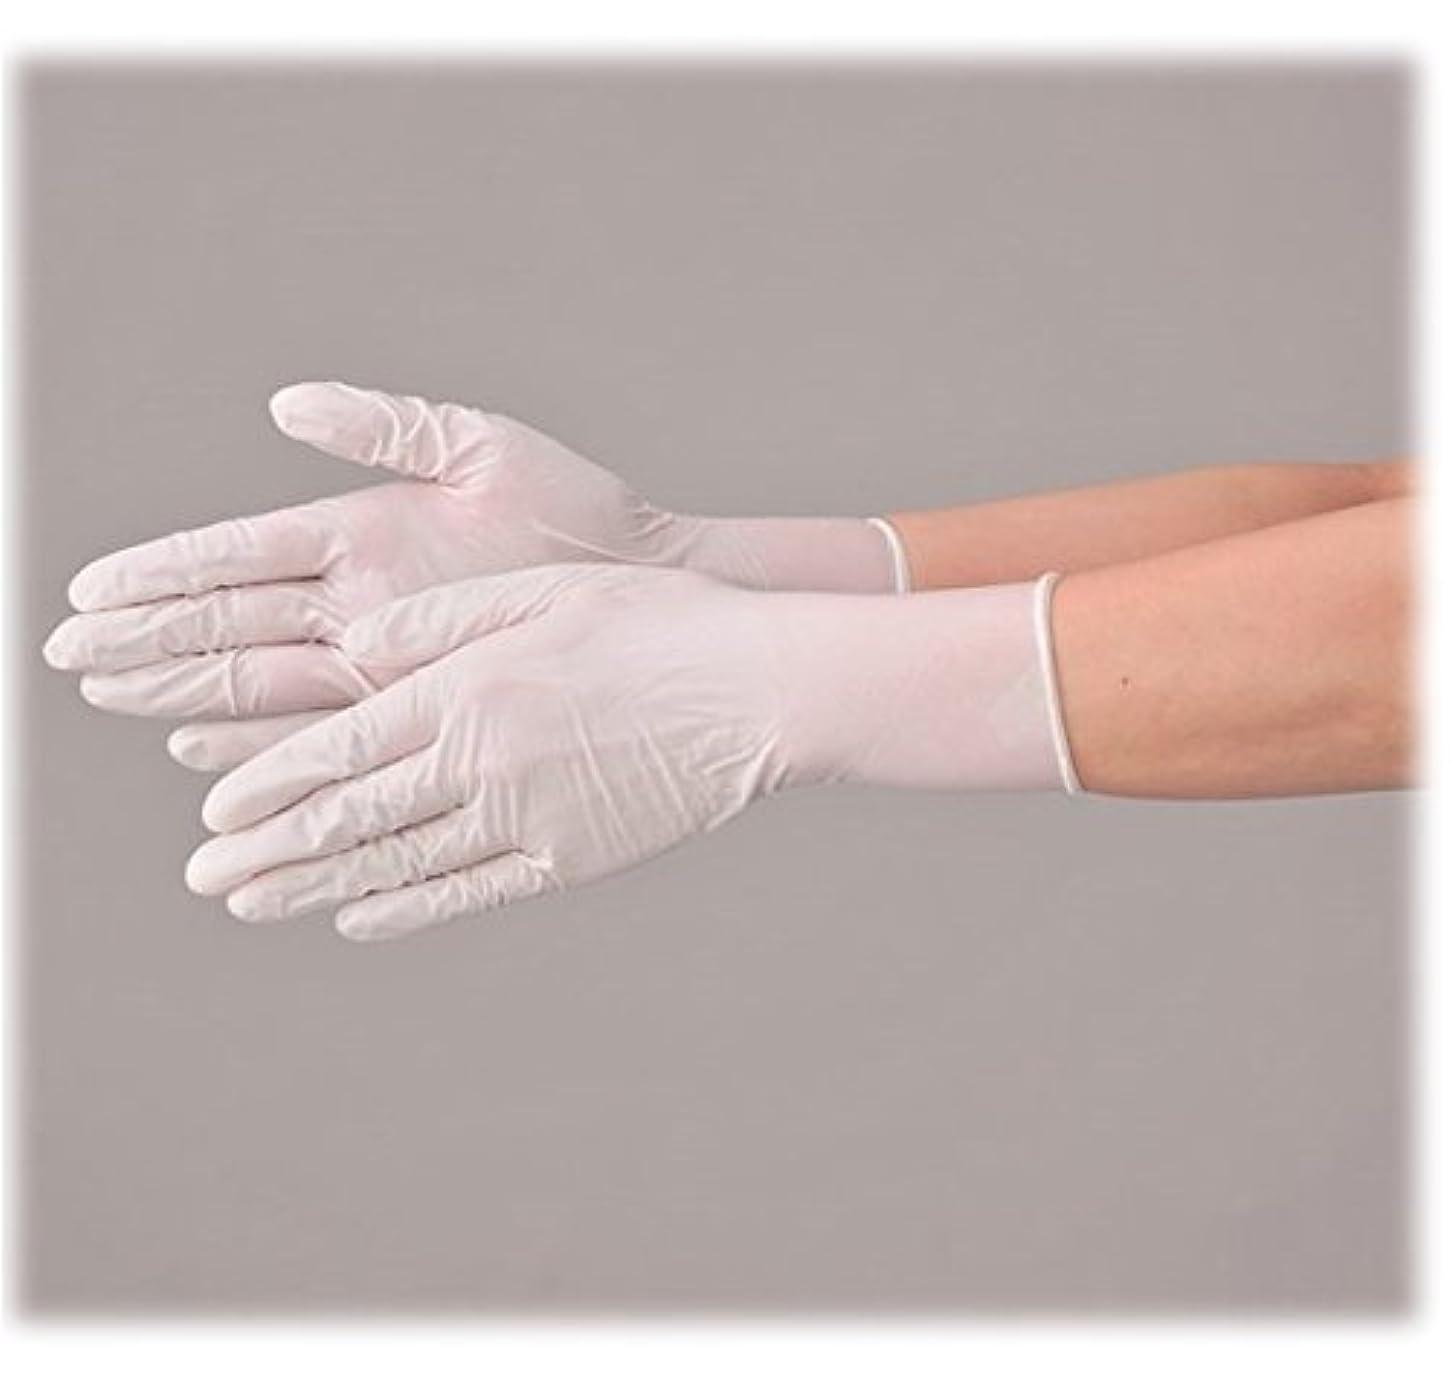 クロス面倒バレーボール使い捨て 手袋 エブノ 520 ニトリル 極薄手袋 パウダーフリー ホワイト Lサイズ 2ケース(100枚×40箱)